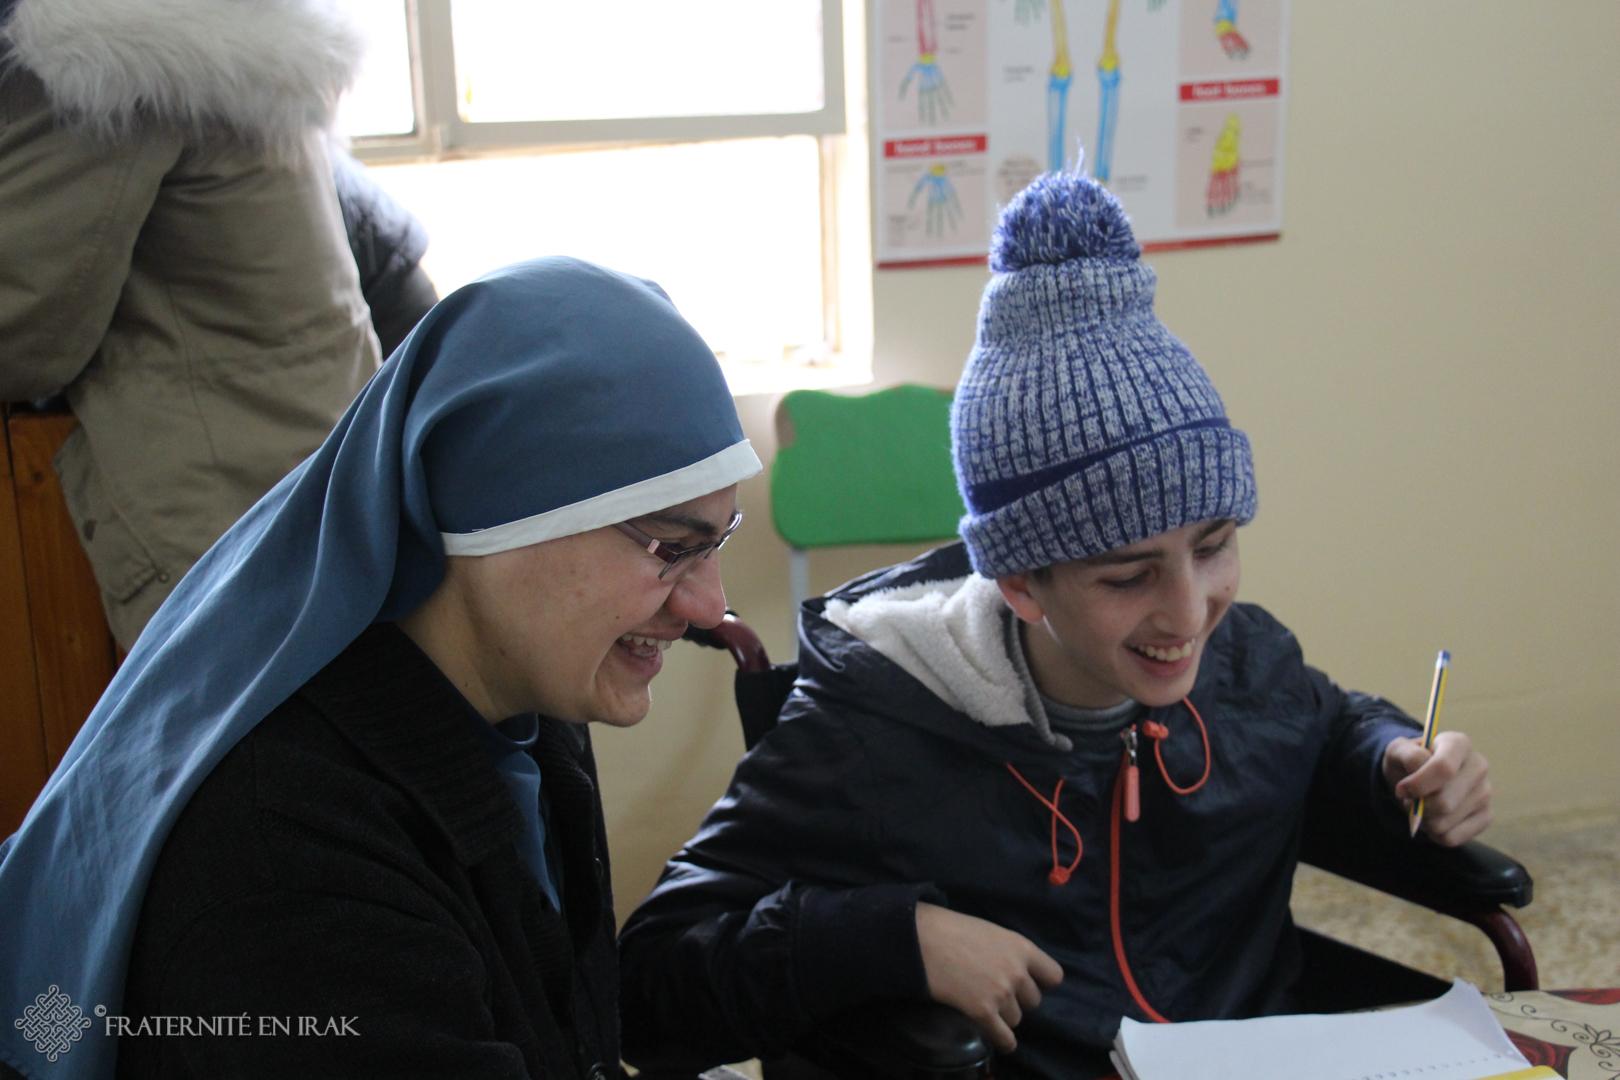 Aidez Fraternité en Irak à construire une maison pour les enfants handicapés de Qaraqosh